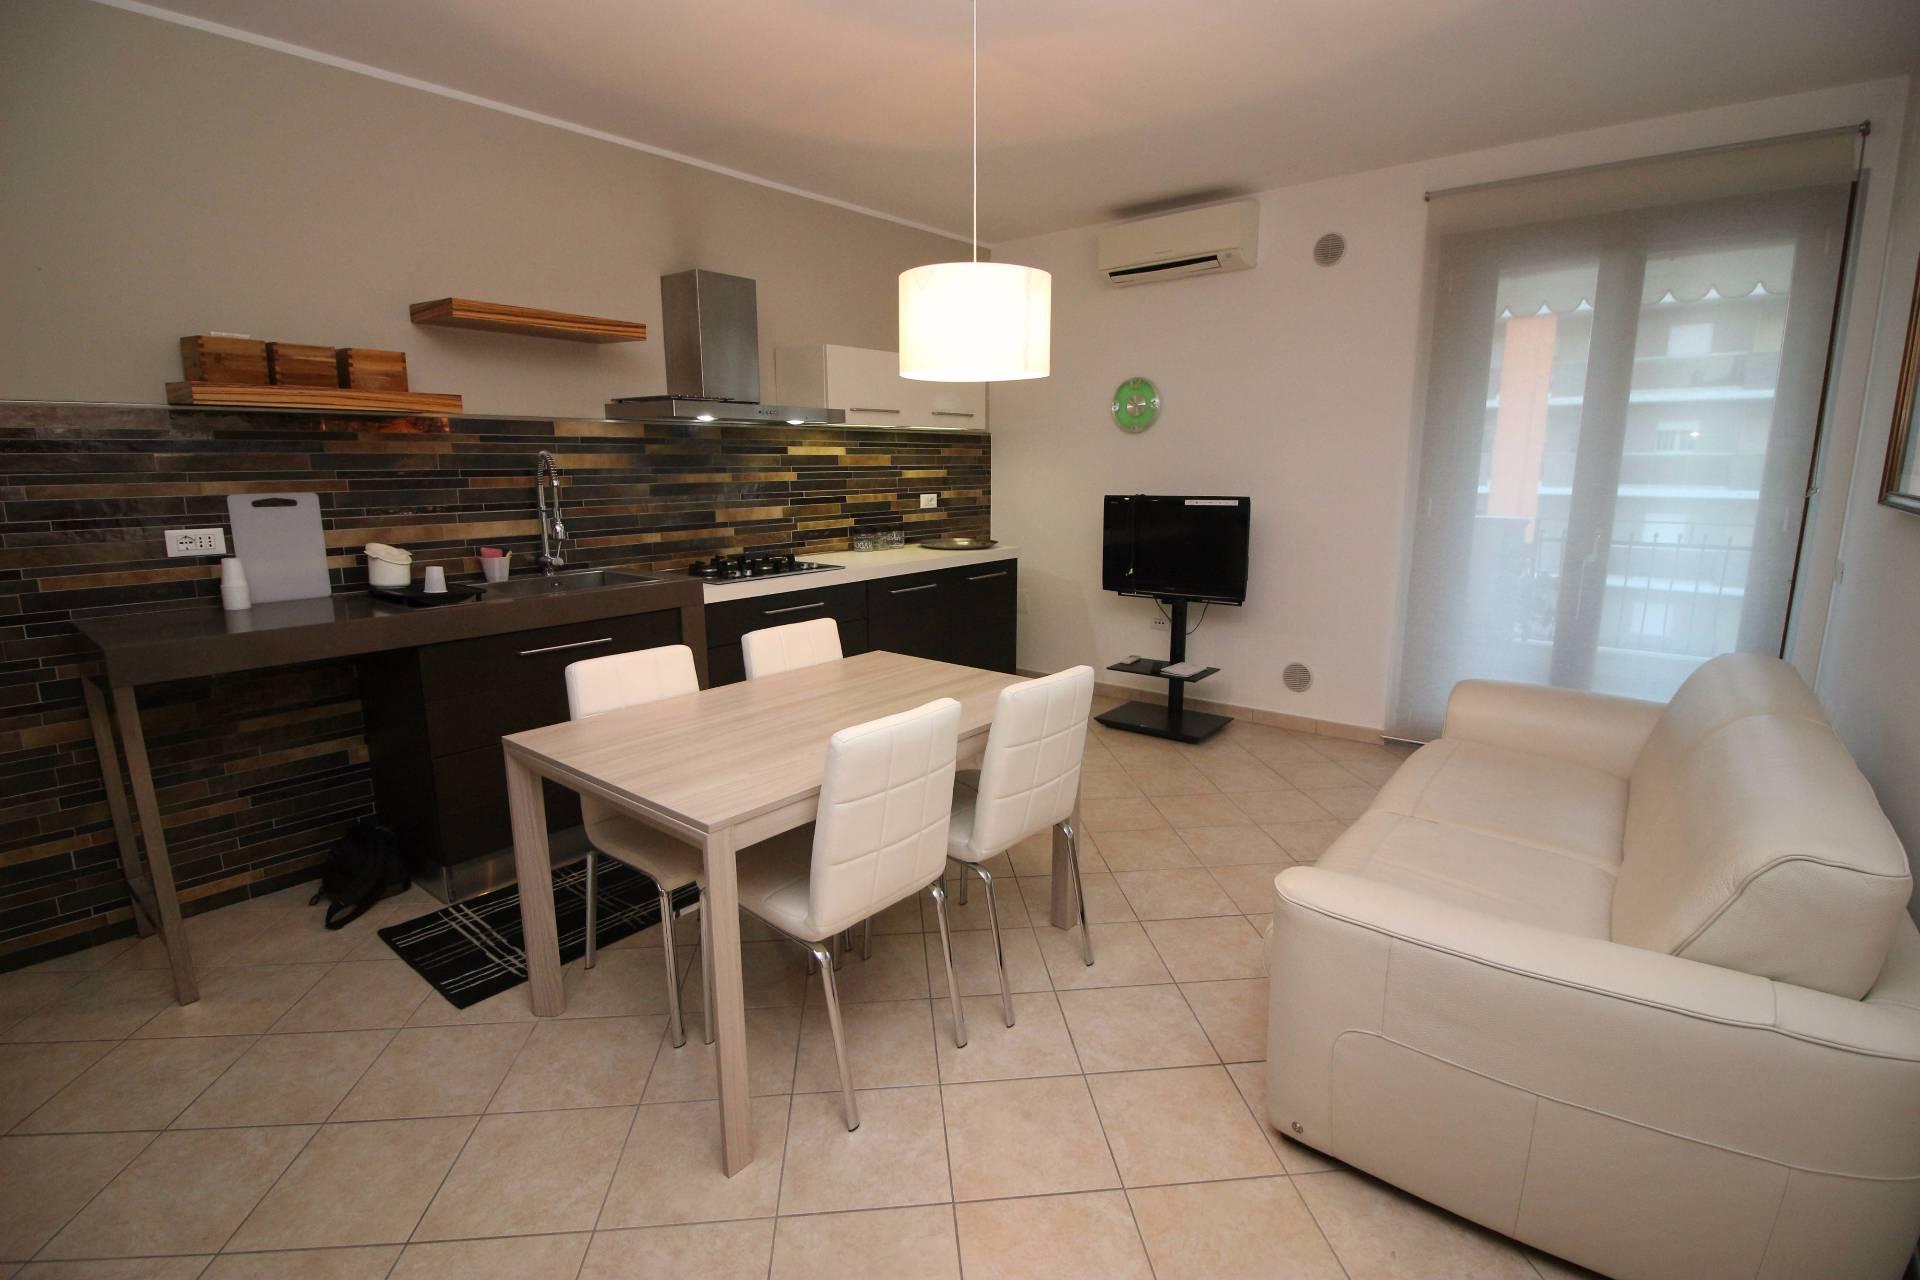 Appartamento in affitto a Tortoreto, 2 locali, zona Località: TortoretoLido, prezzo € 250 | Cambio Casa.it